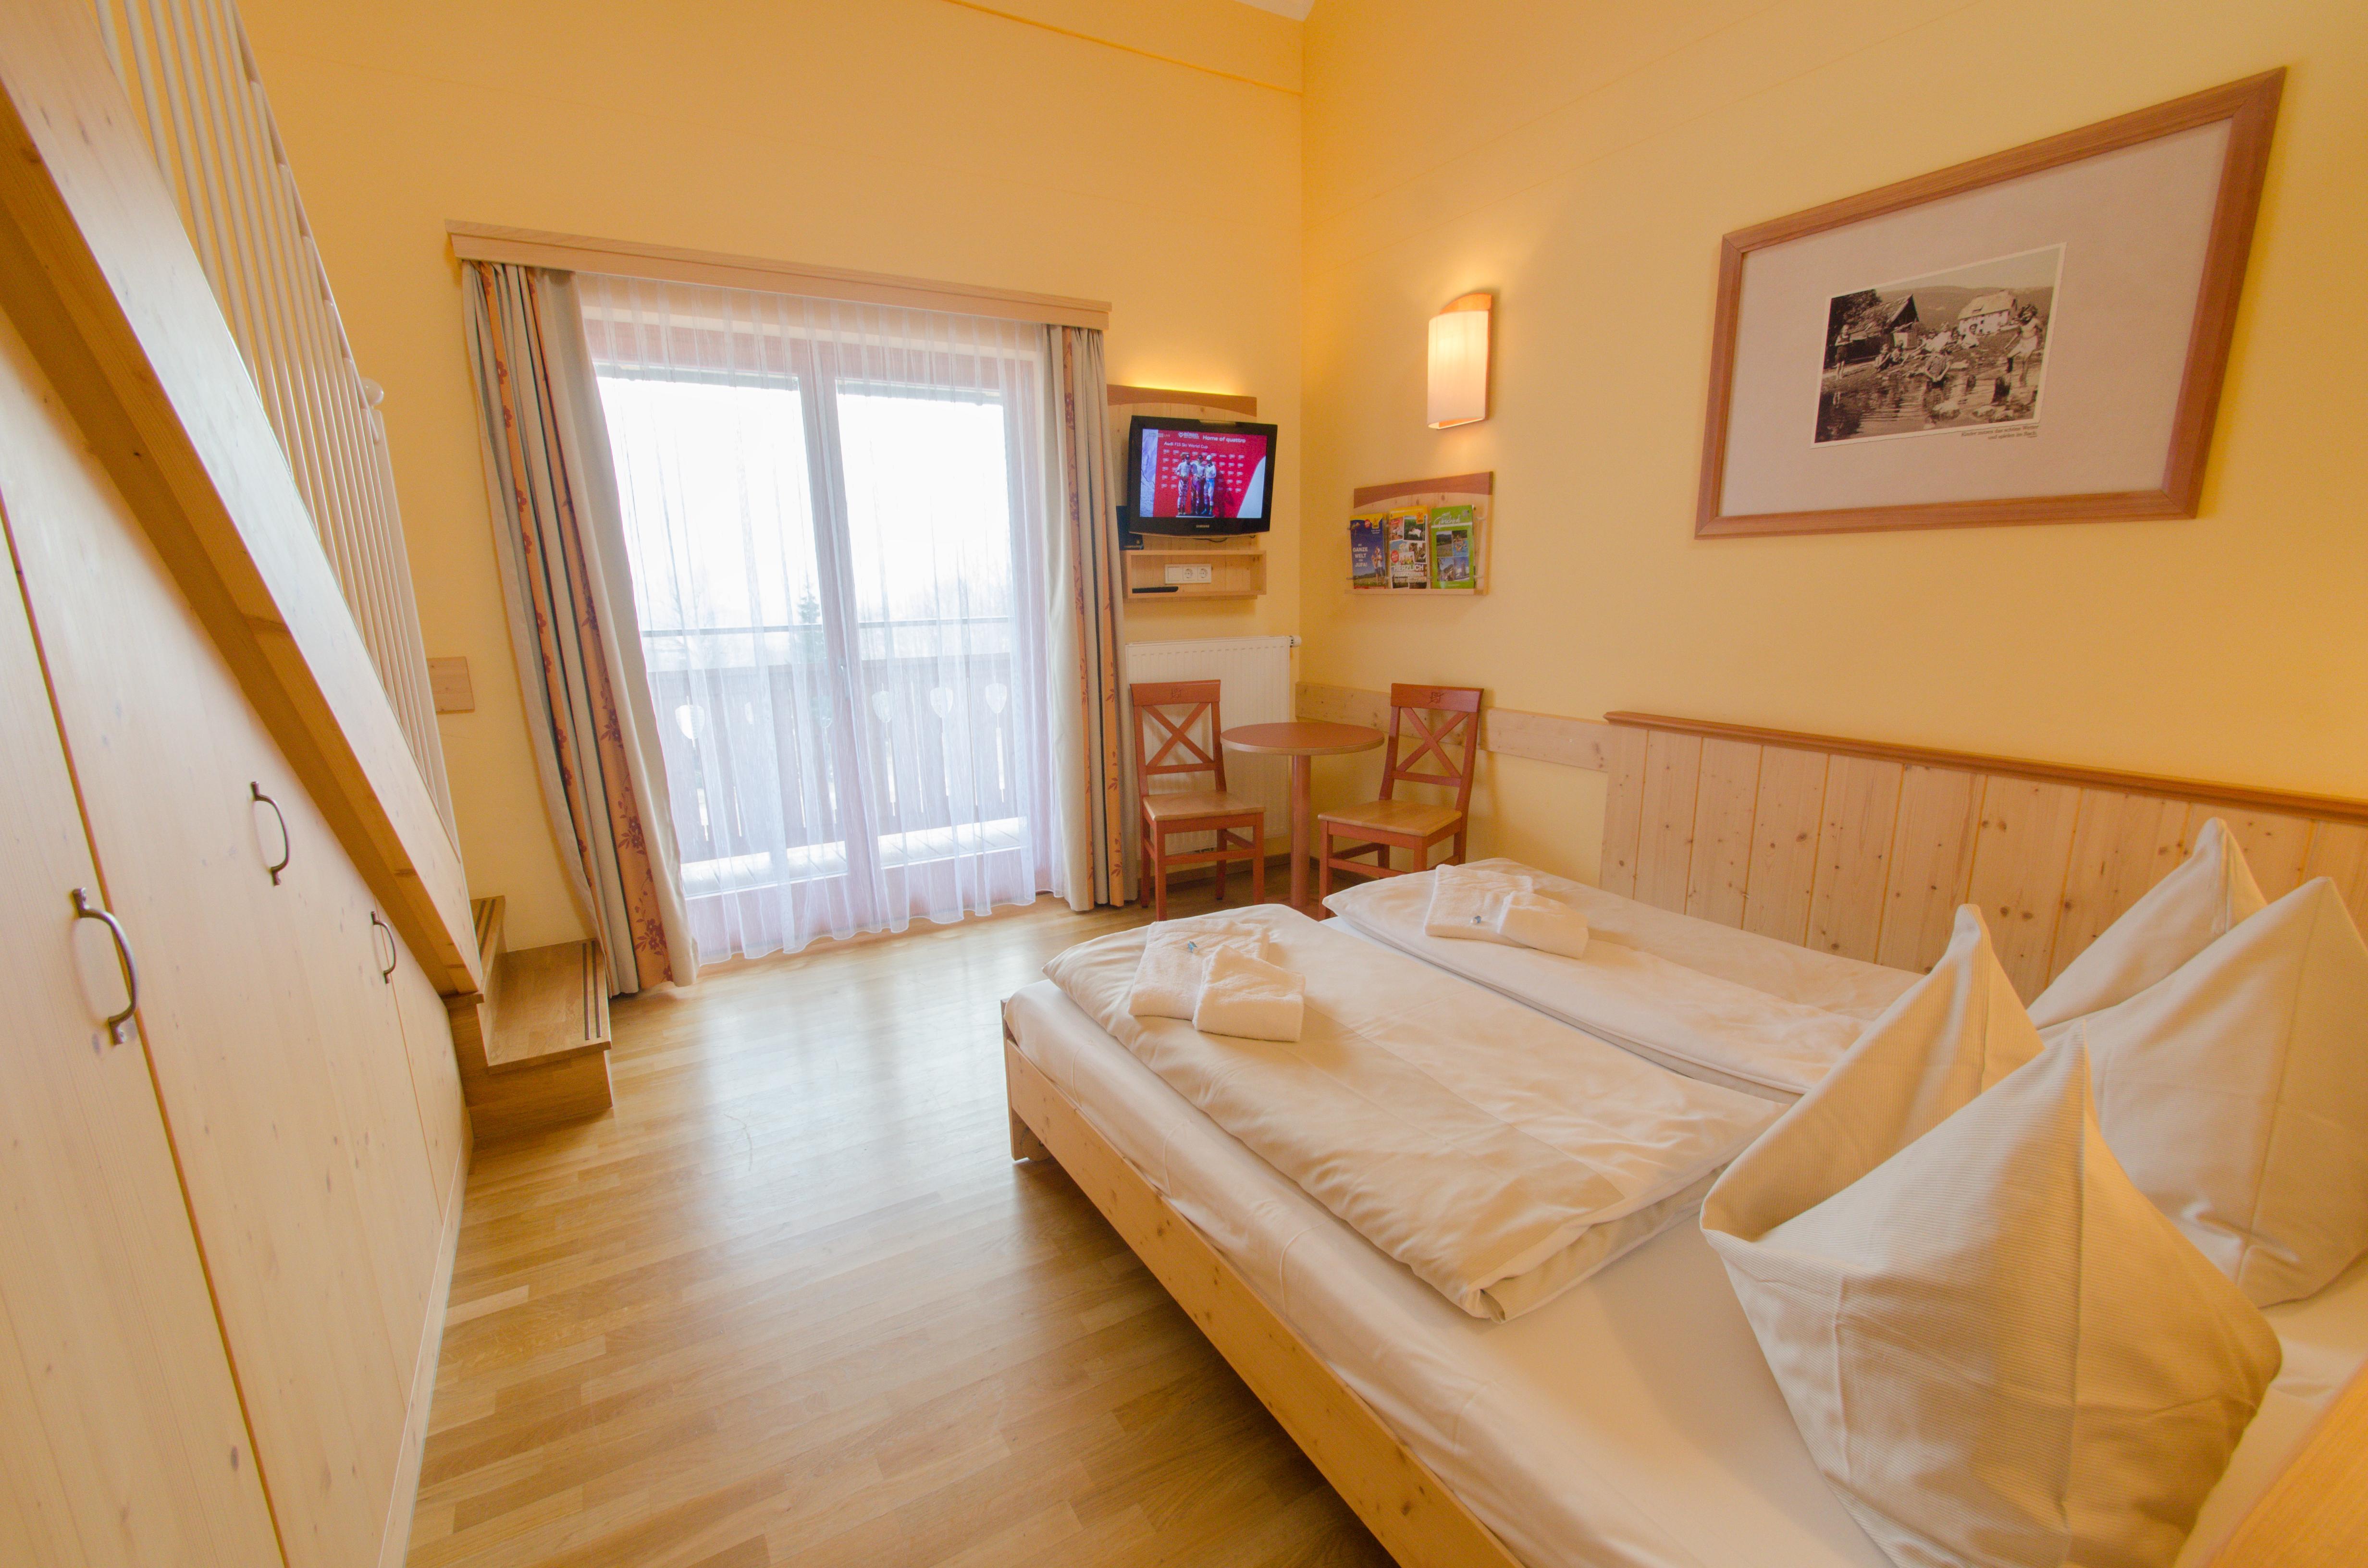 Doppelbett im Galeriezimmer large im JUFA Hotel Gitschtal Landerlebnis mit TV. Der Ort für kinderfreundlichen und erlebnisreichen Urlaub für die ganze Familie.